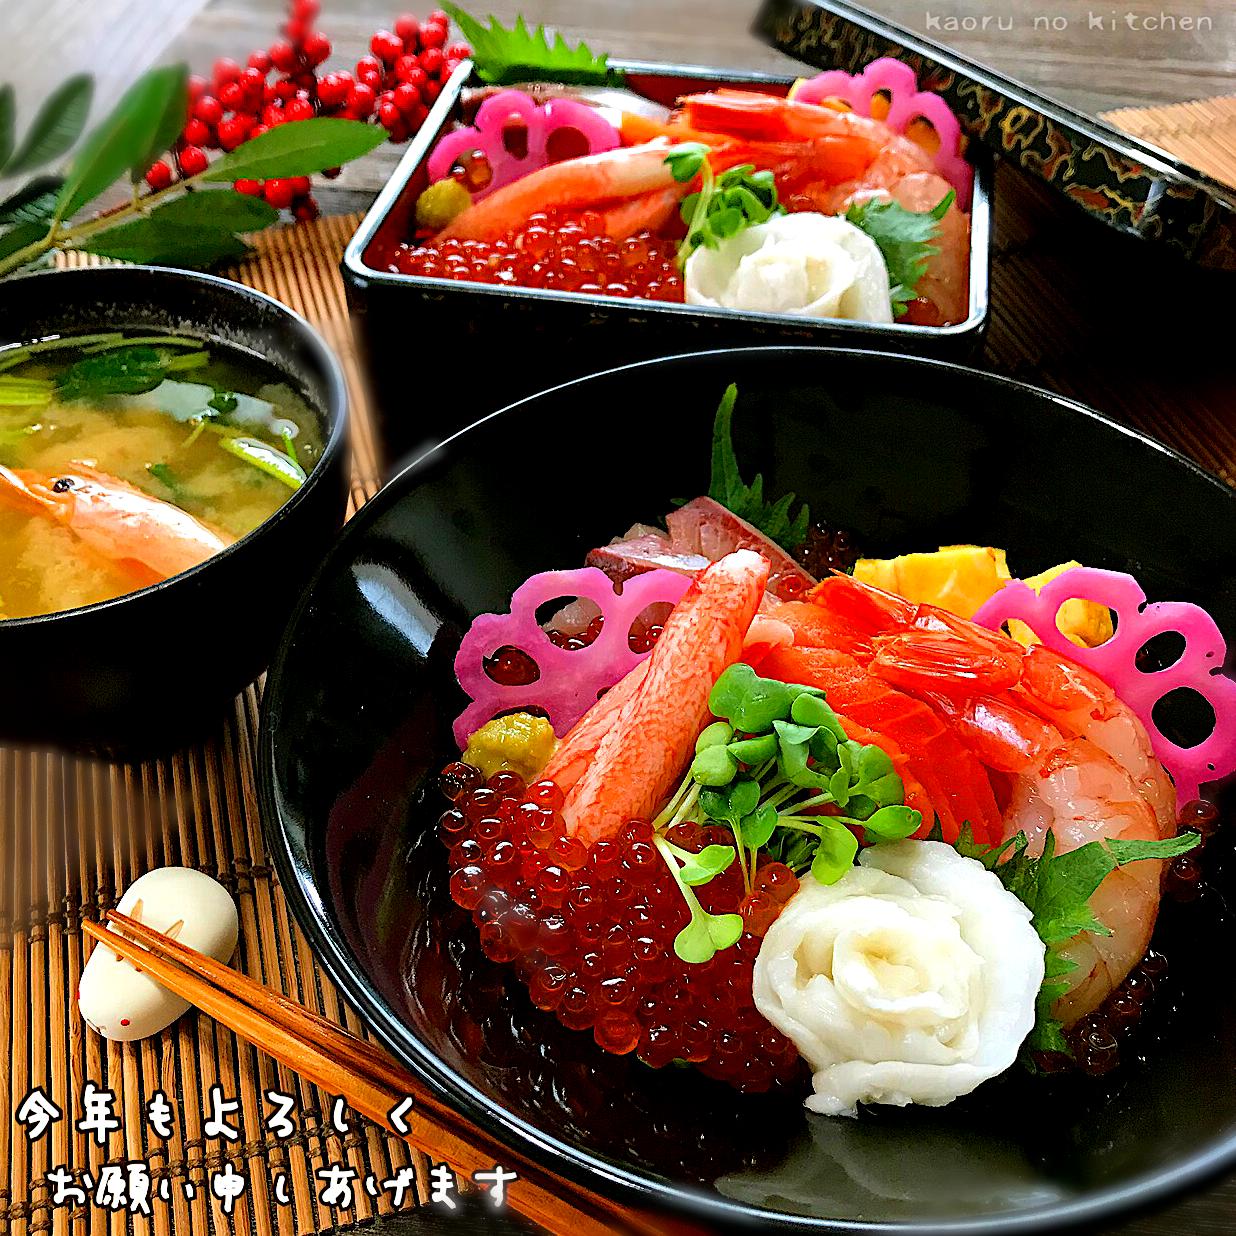 北海道より海鮮丼で今年もよろしくよろしくお願いします♪̊̈♪̆̈